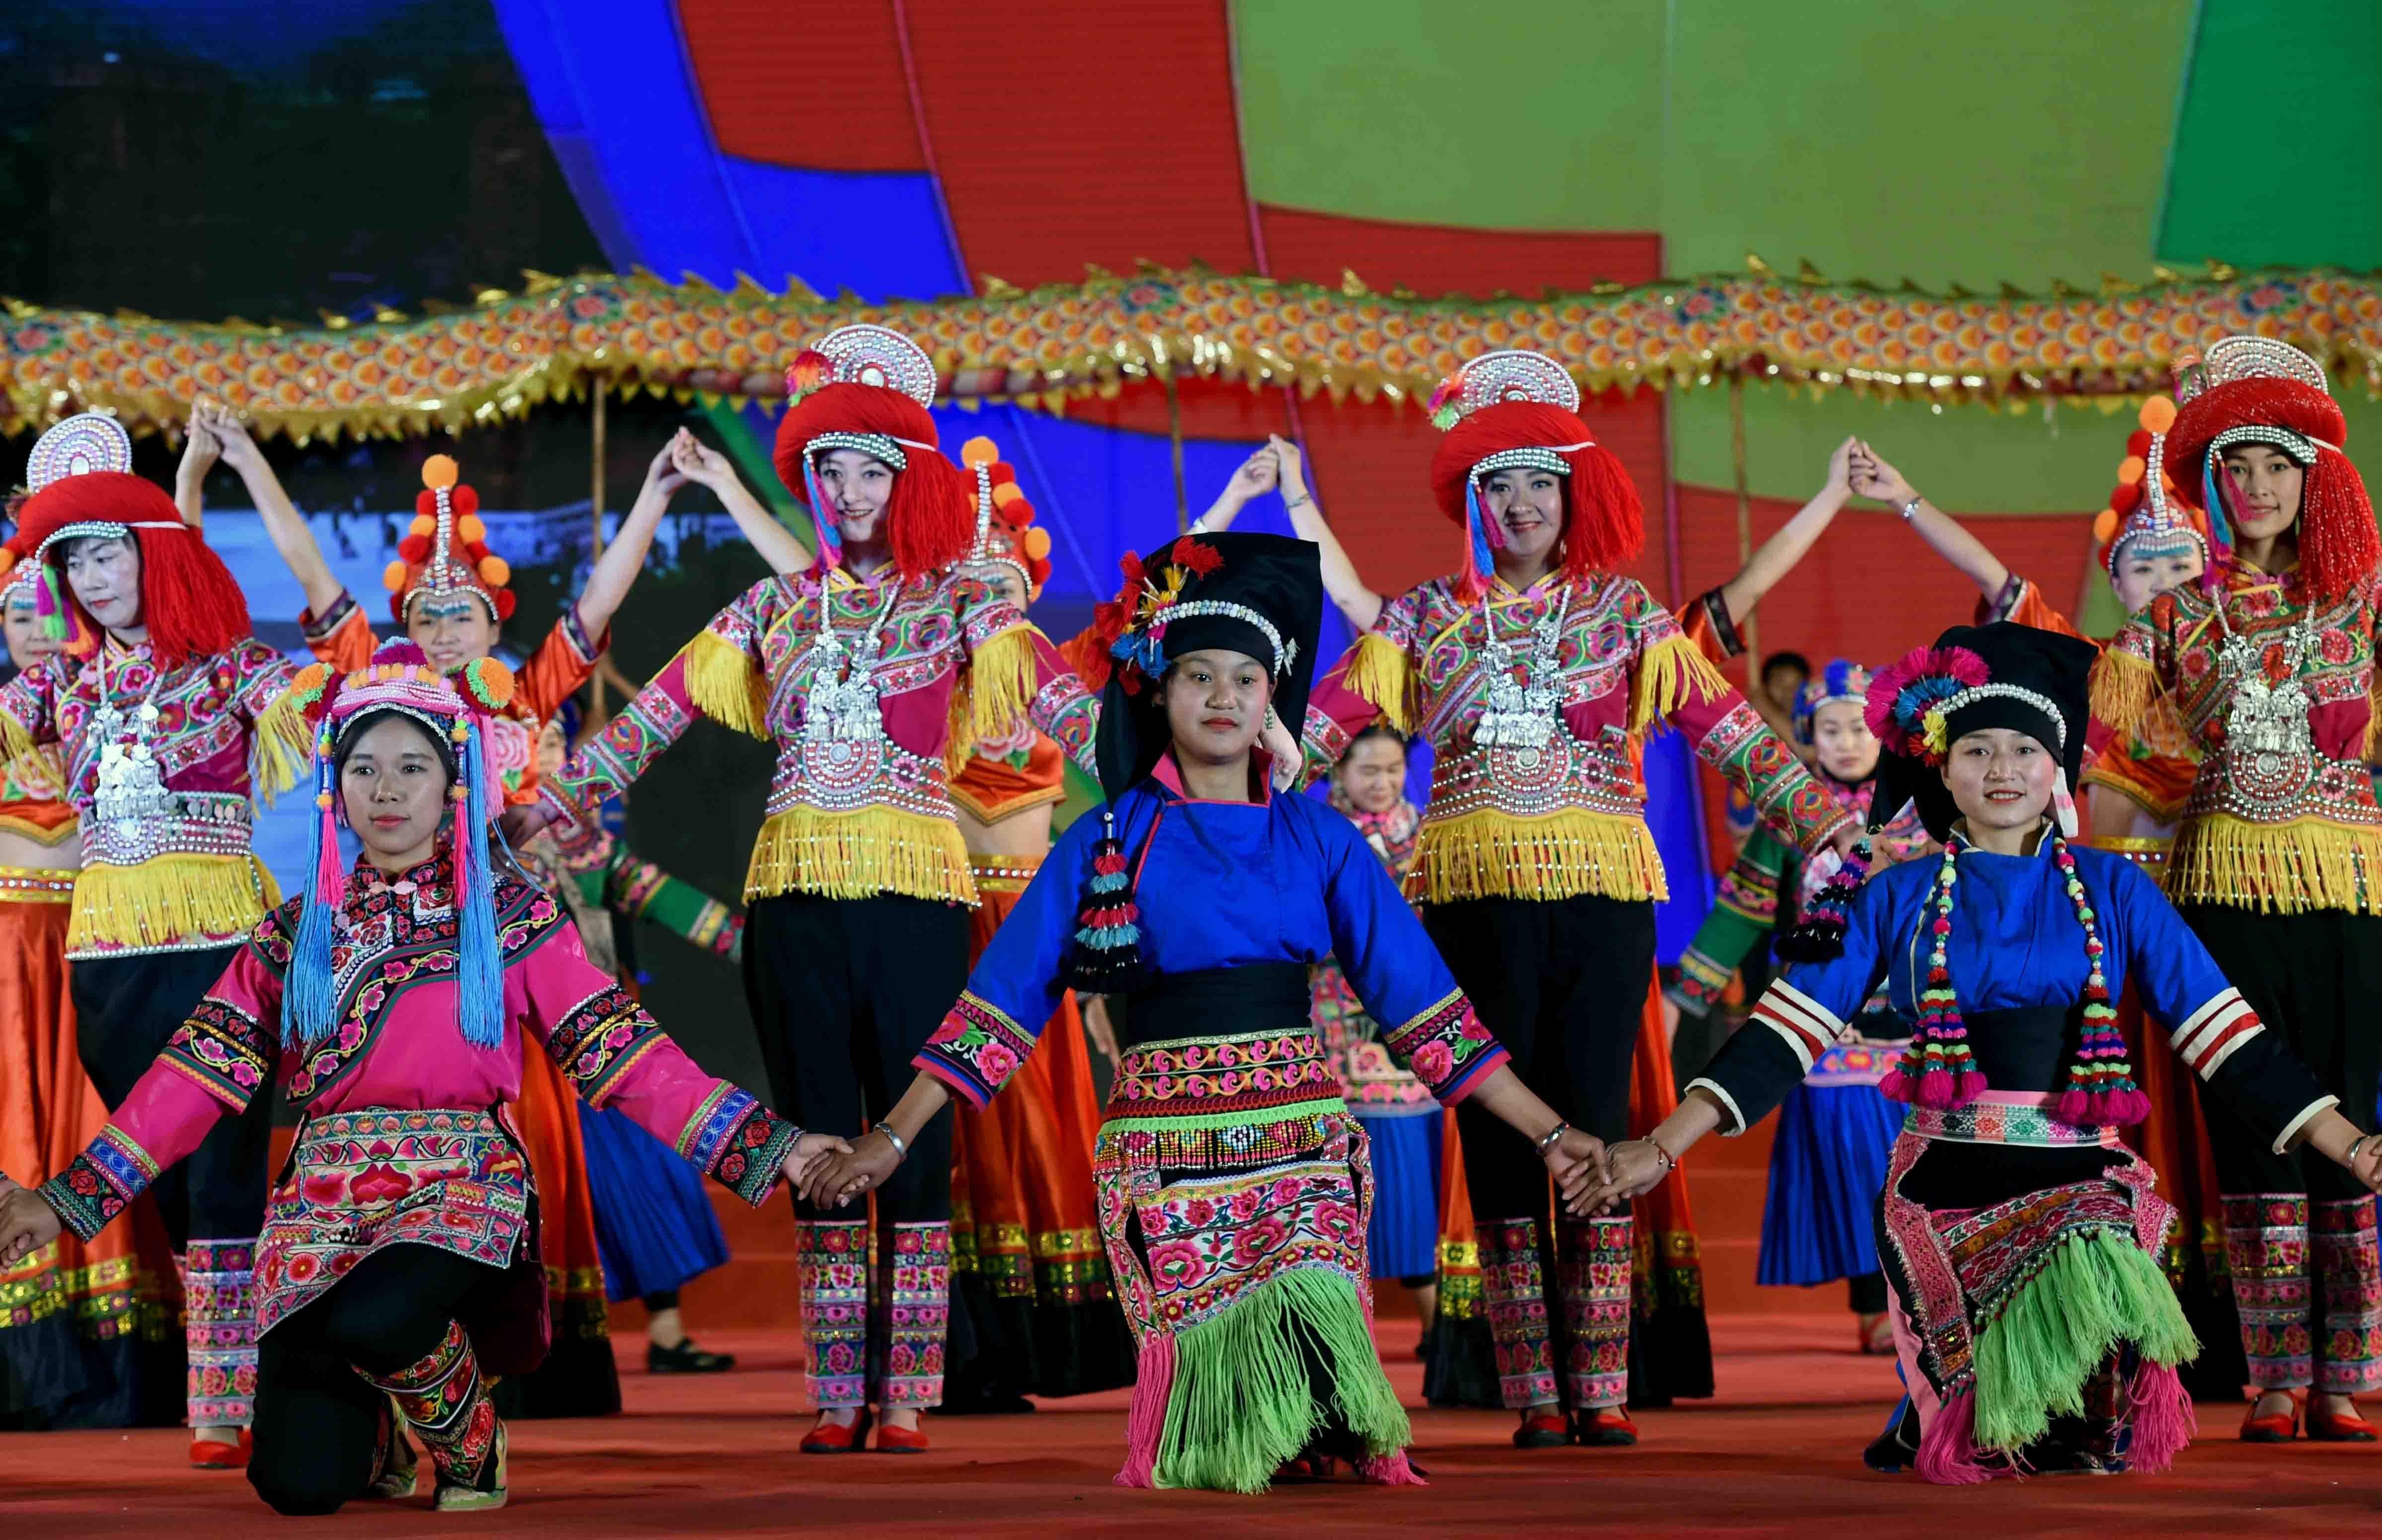 彝族�y�j��f�/&��9�c9��_2月11日,来自楚雄彝族自治州楚雄市的表演队在展示彝族服饰.